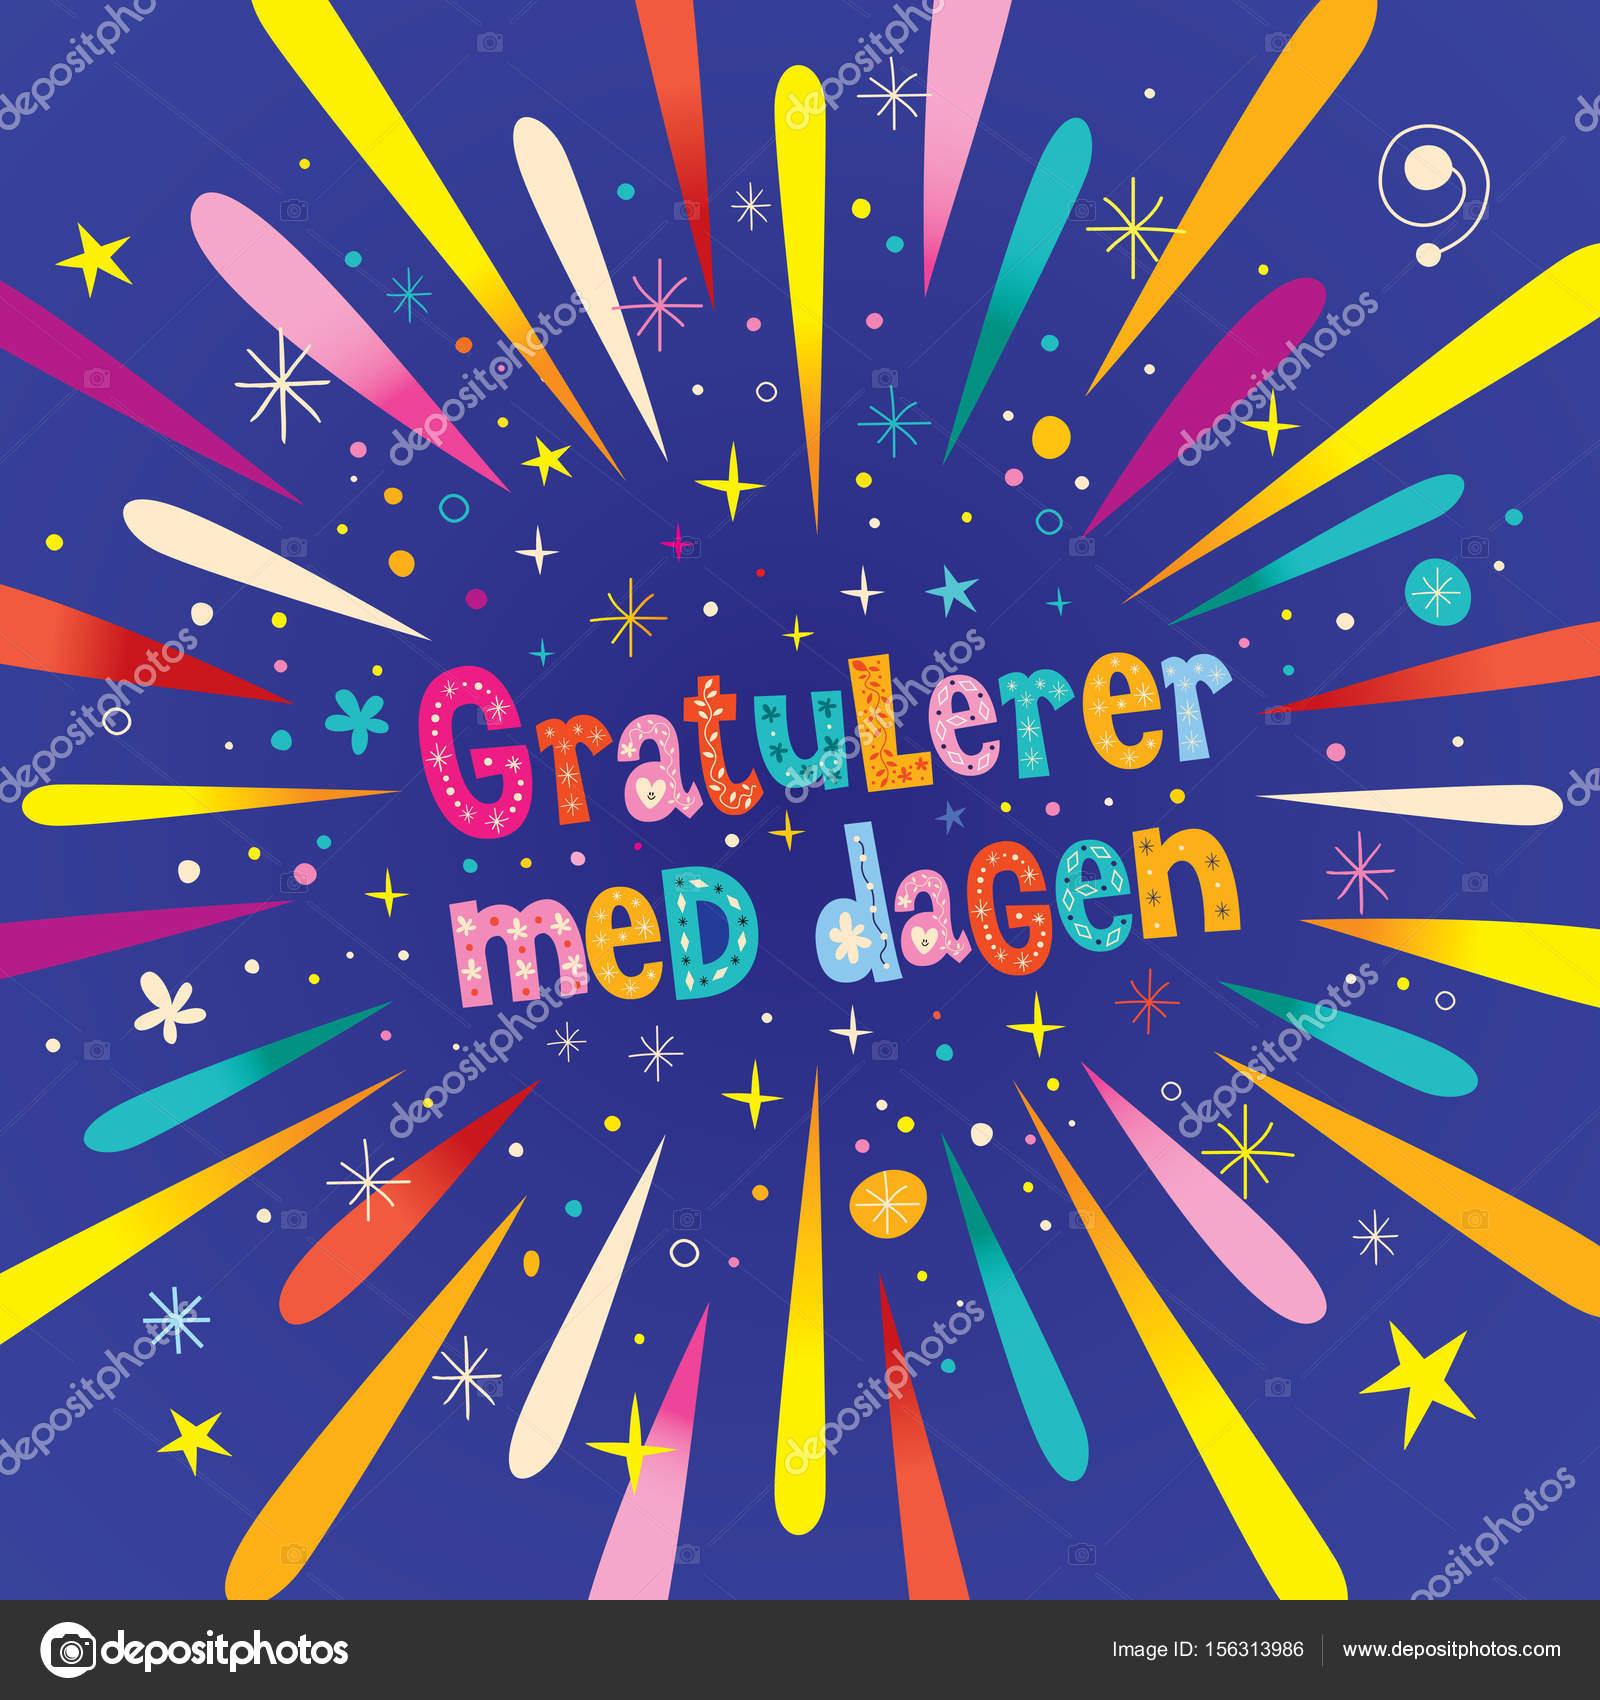 grattis på norska Gratulerer med dagen Grattis i norska — Stock Vektor © Aliasching  grattis på norska